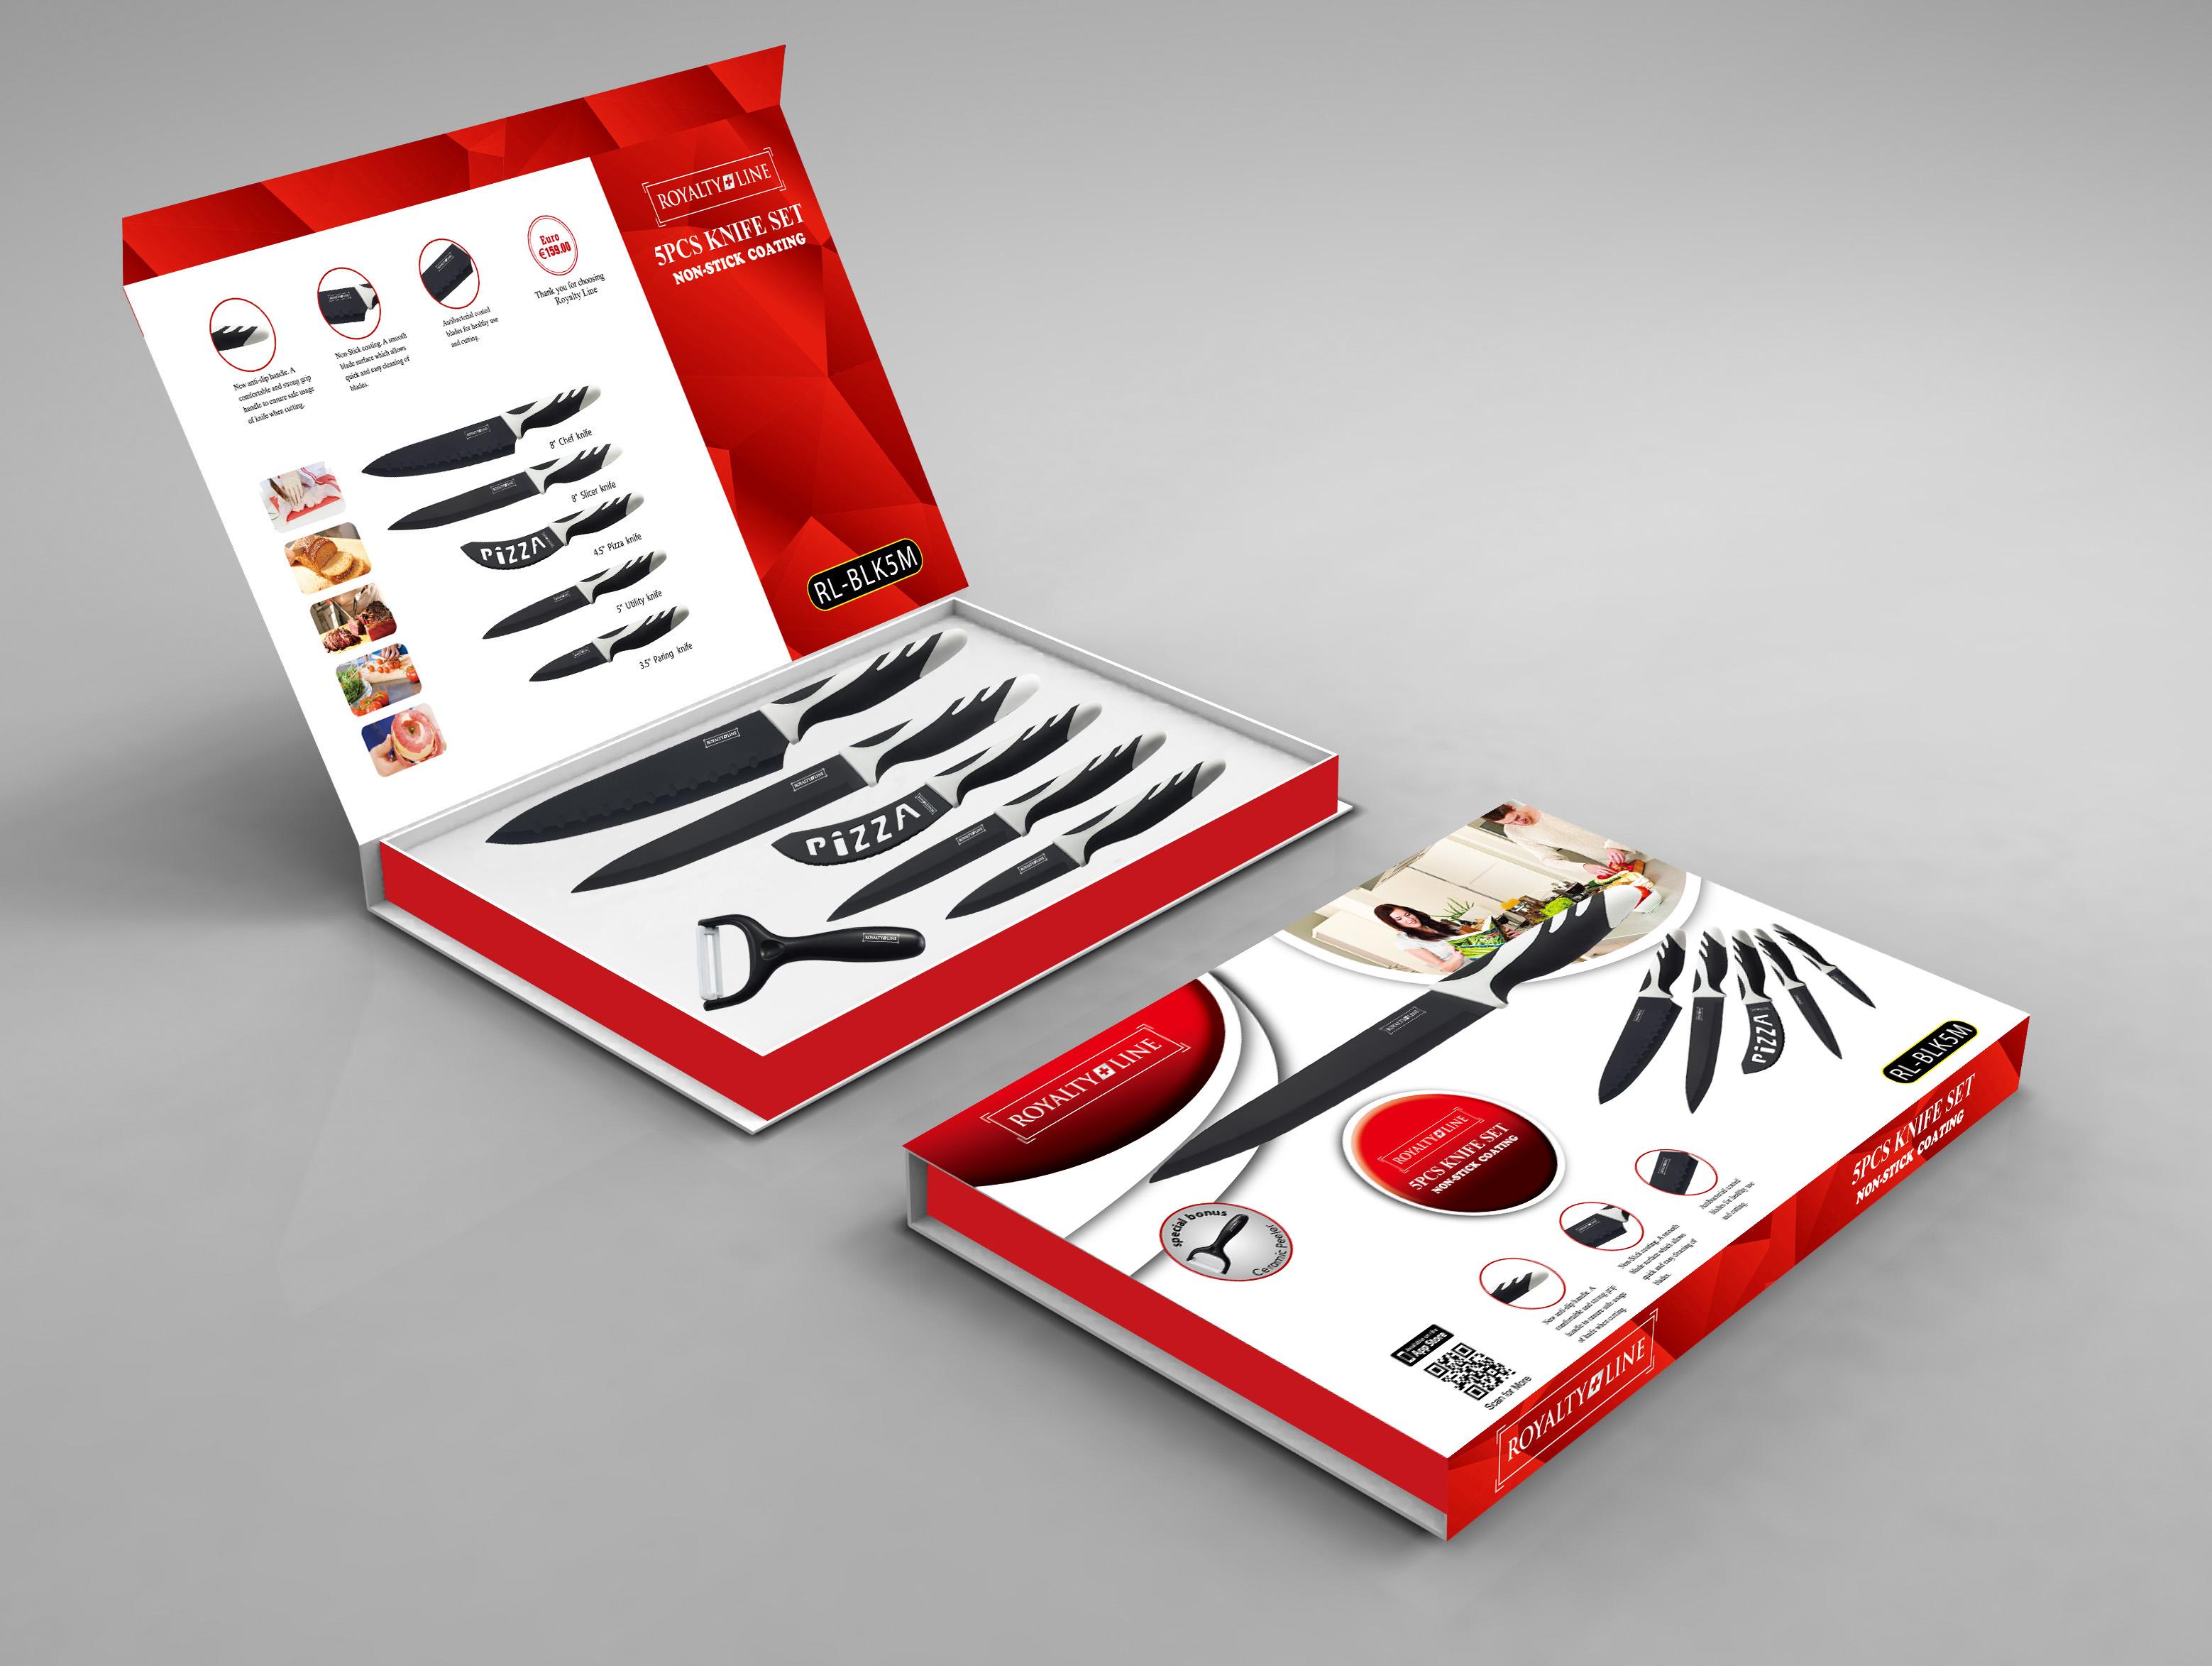 Royalty line rl blk5m set de couteaux 5 pi ces avec - Set de cuchillos royalty line ...